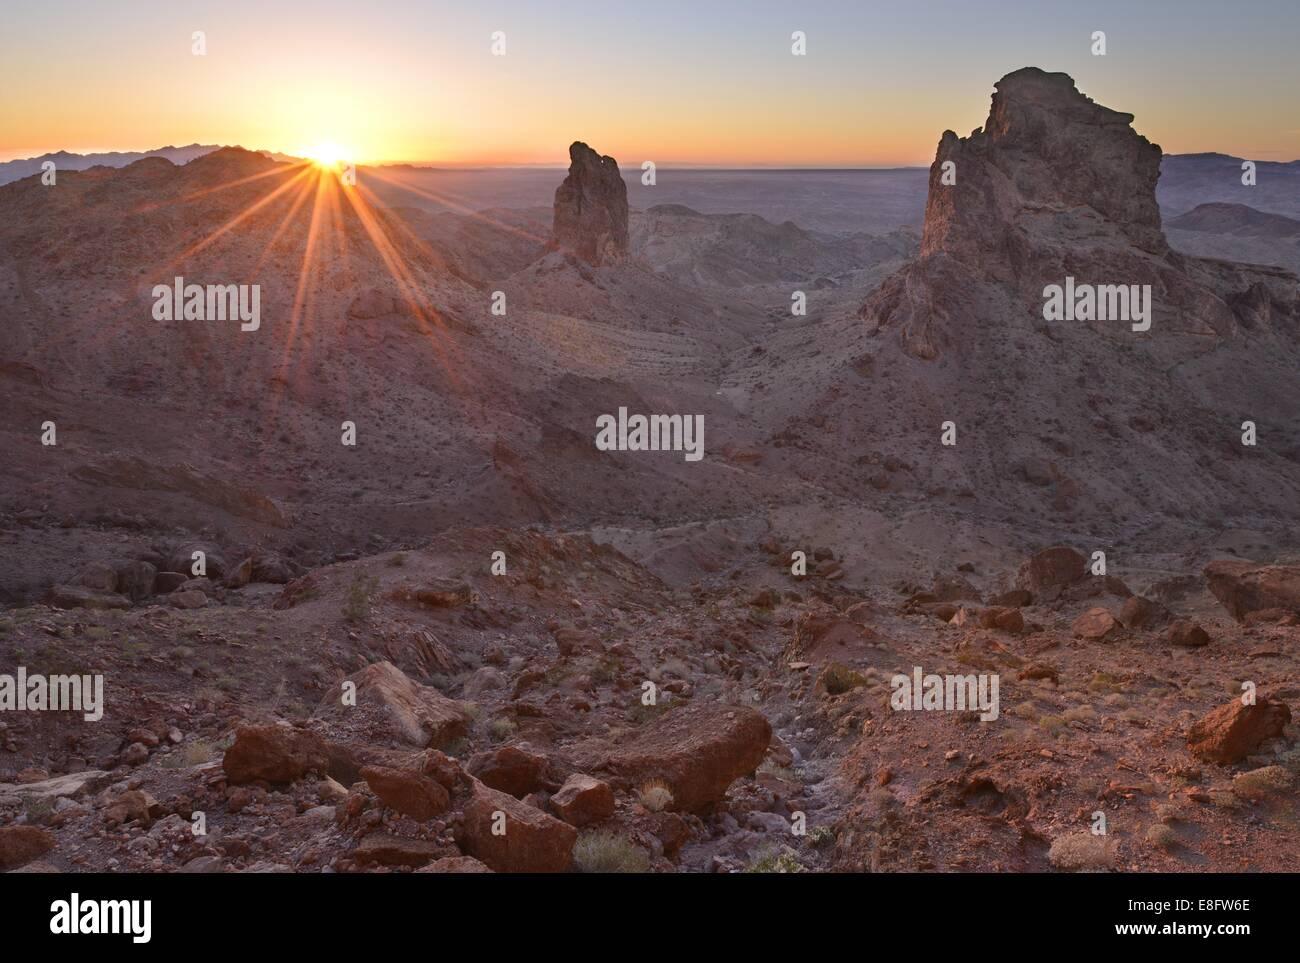 Stati Uniti, California, Picacho Peak Wilderness, sentinelle della Picacho Tramonto Immagini Stock